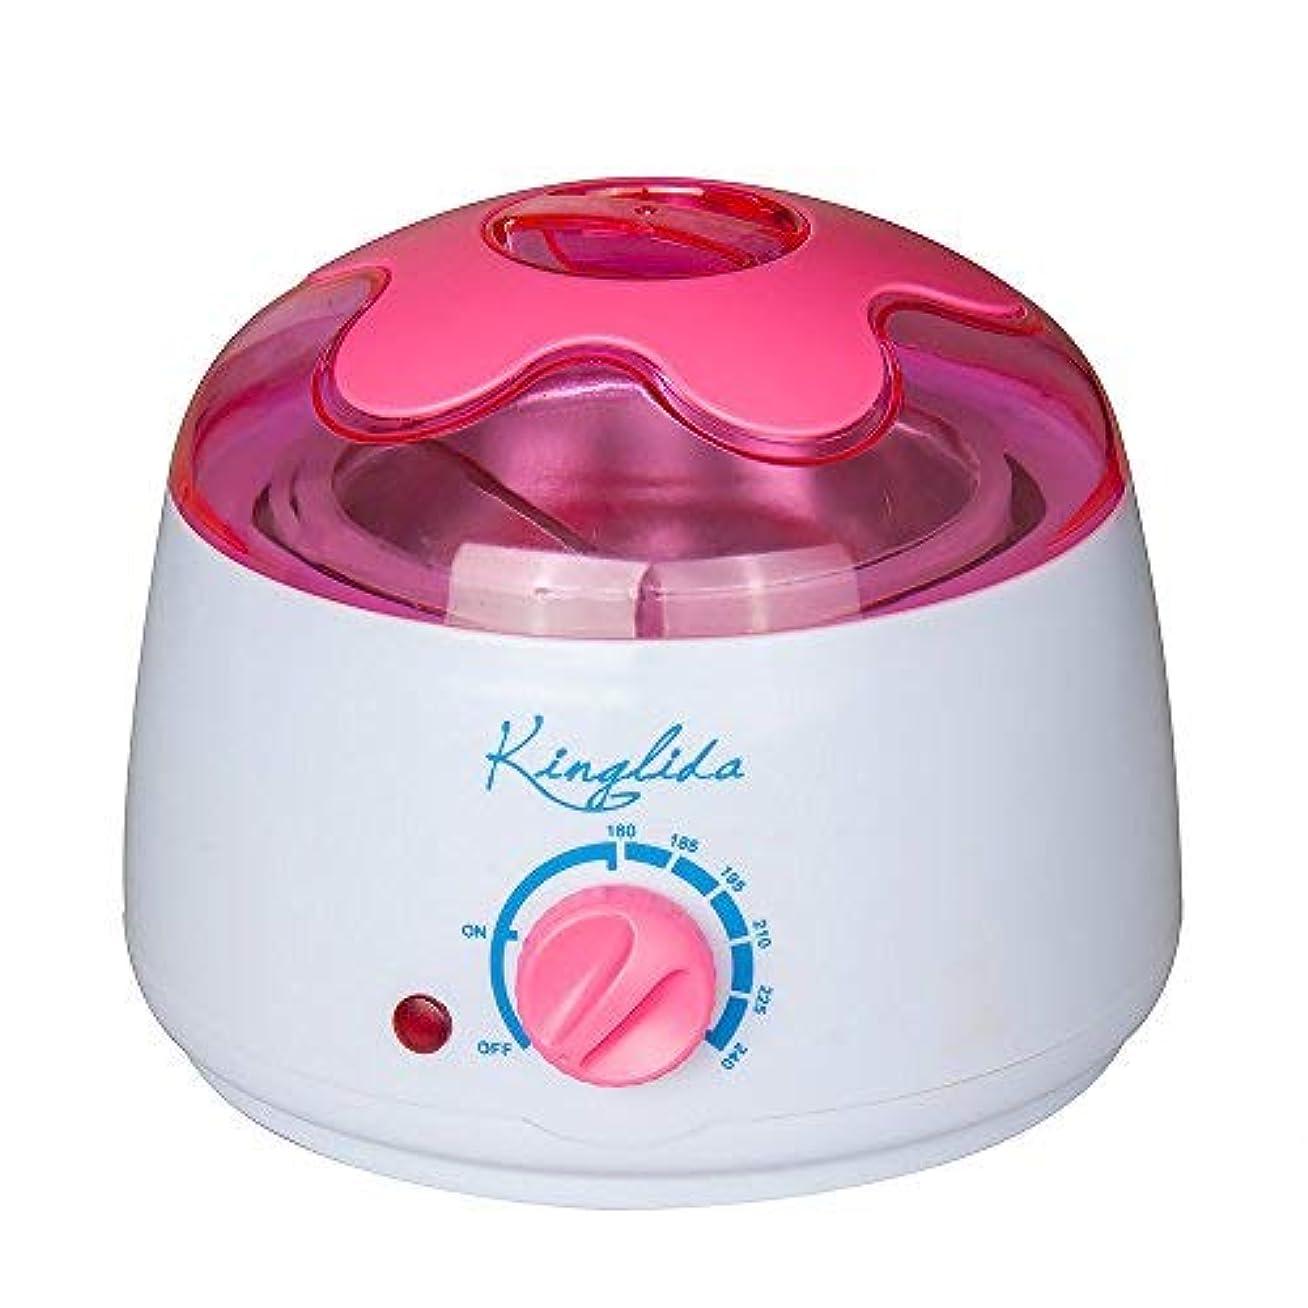 リフレッシュハック神経衰弱Hair Removal Kit Wax Warmer Machine Depilatory Wax Heater for Hand Leg Body Hair Remover [並行輸入品]